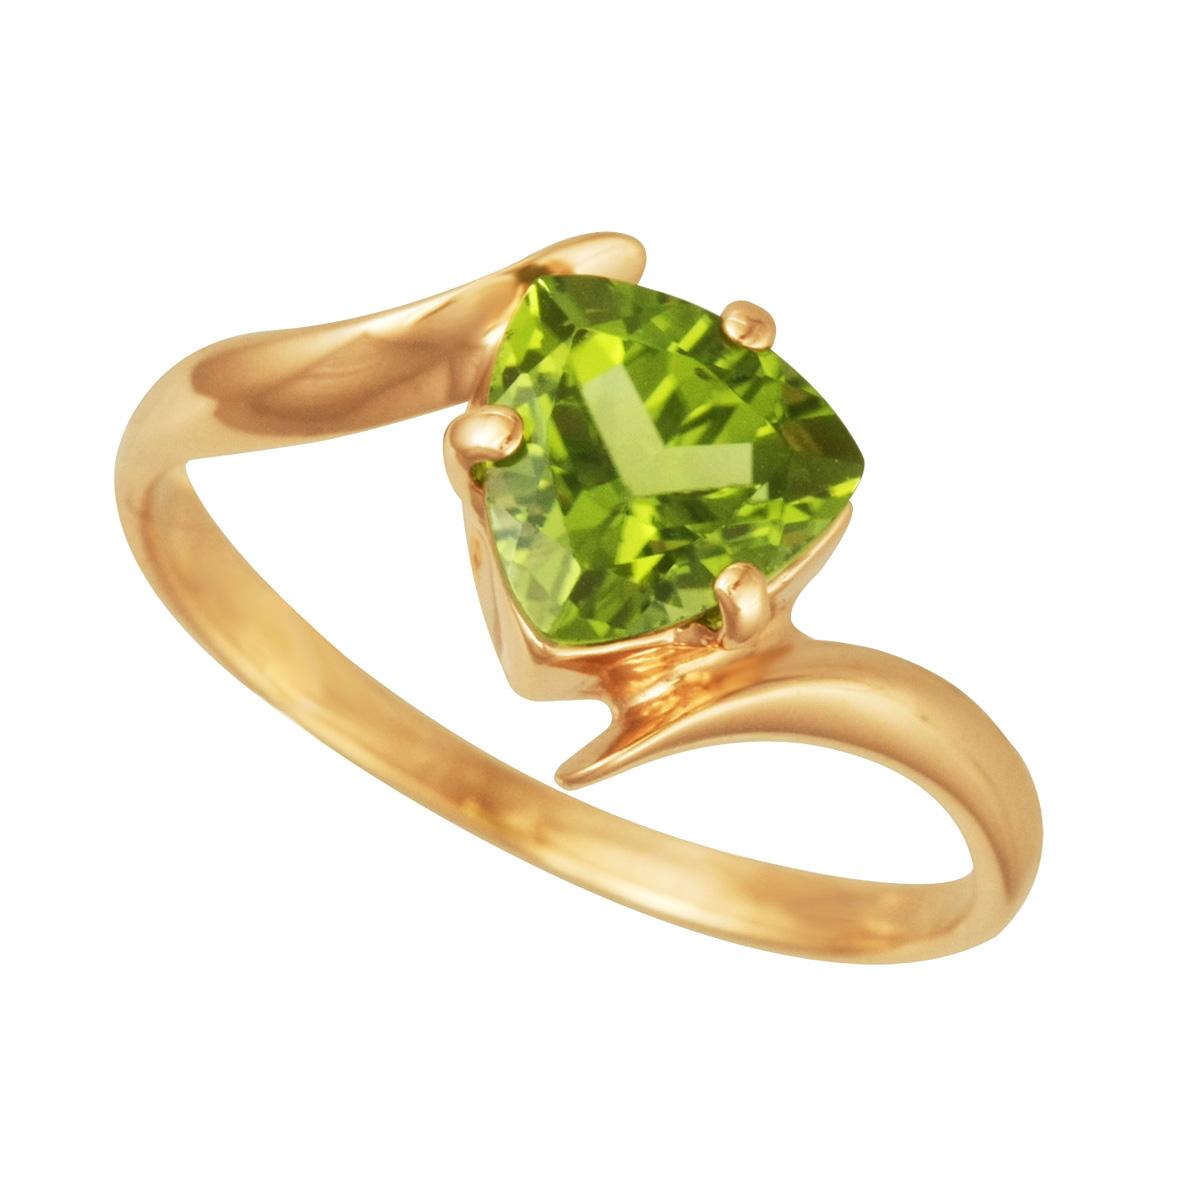 Золотое кольцо Хризолит арт. 11002Х 11002Х